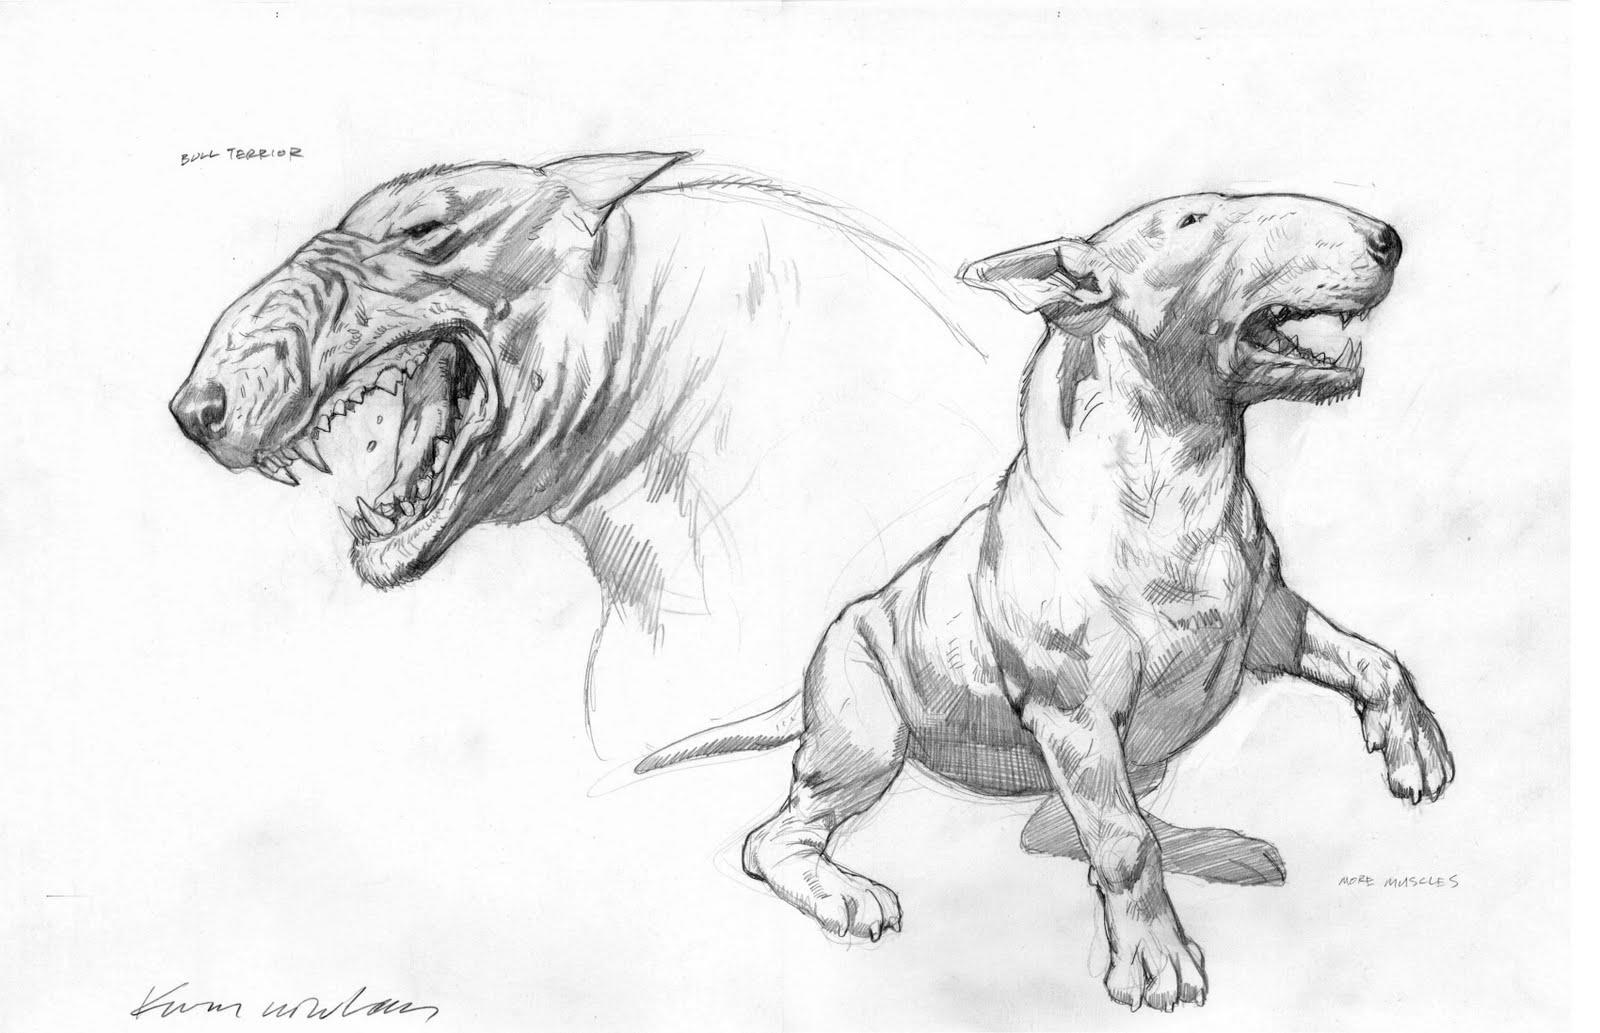 Kevin Nowlan: Hulk Dogs